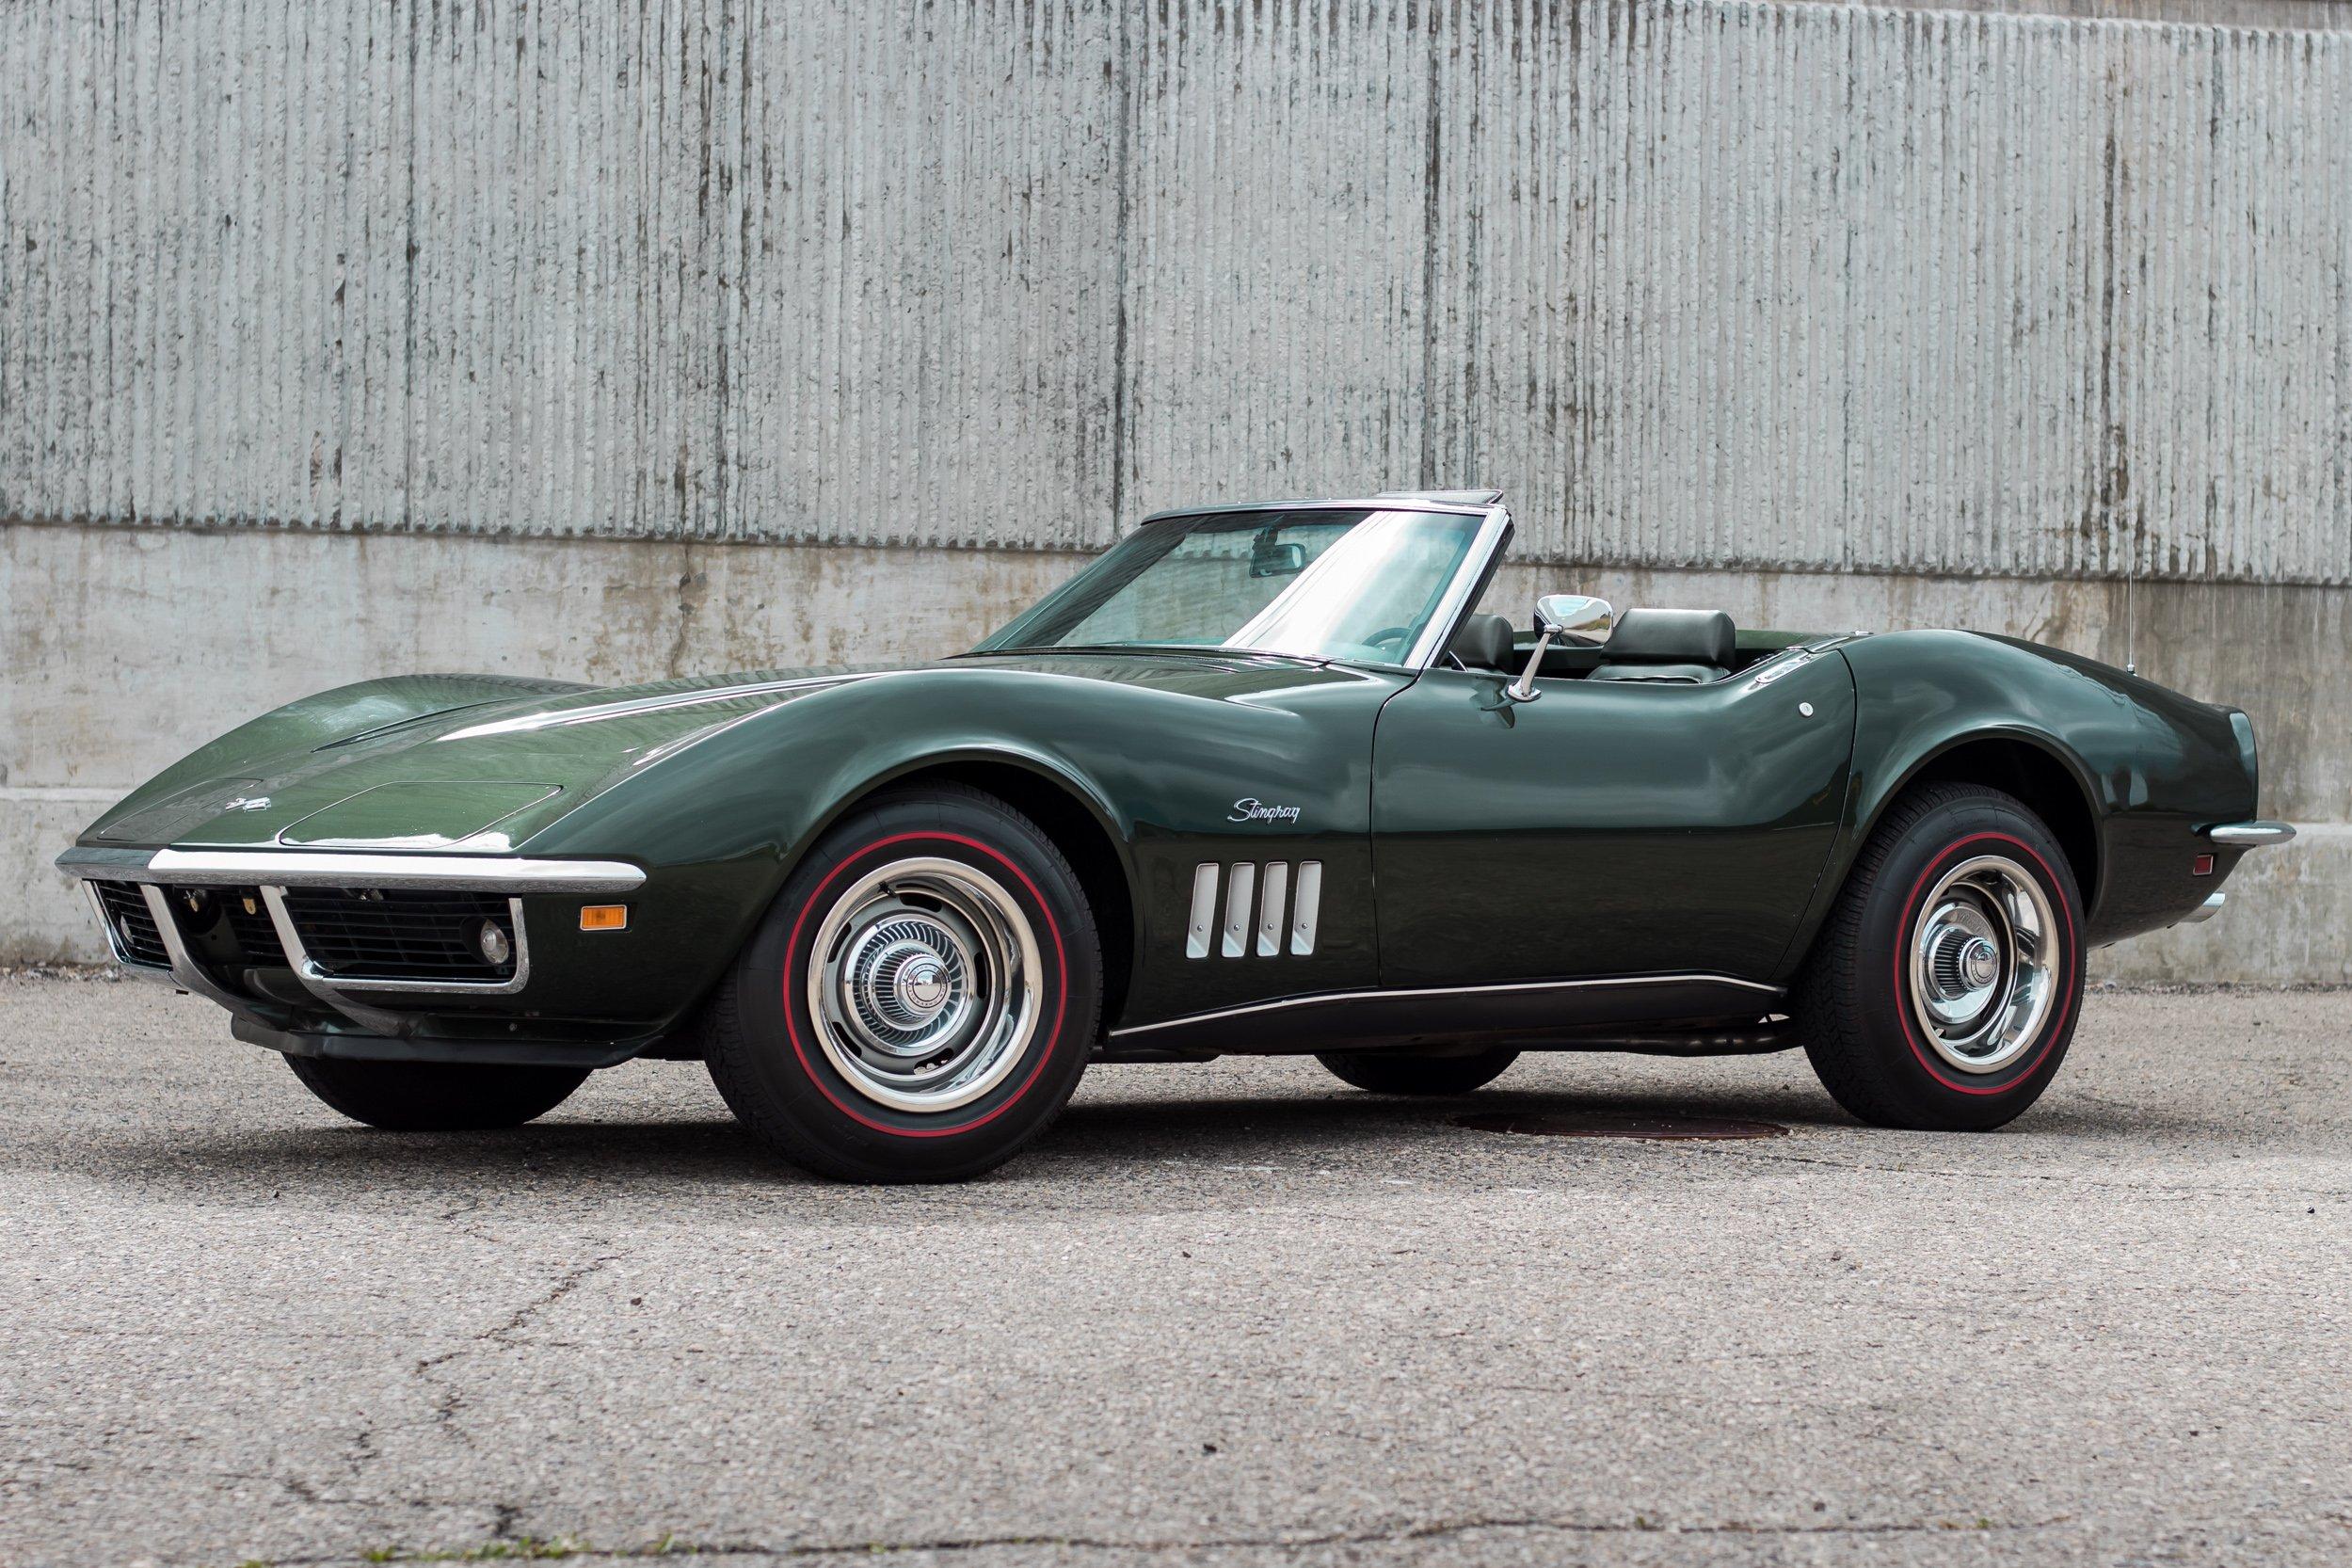 Kelebihan Kekurangan Chevrolet Corvette 1969 Tangguh